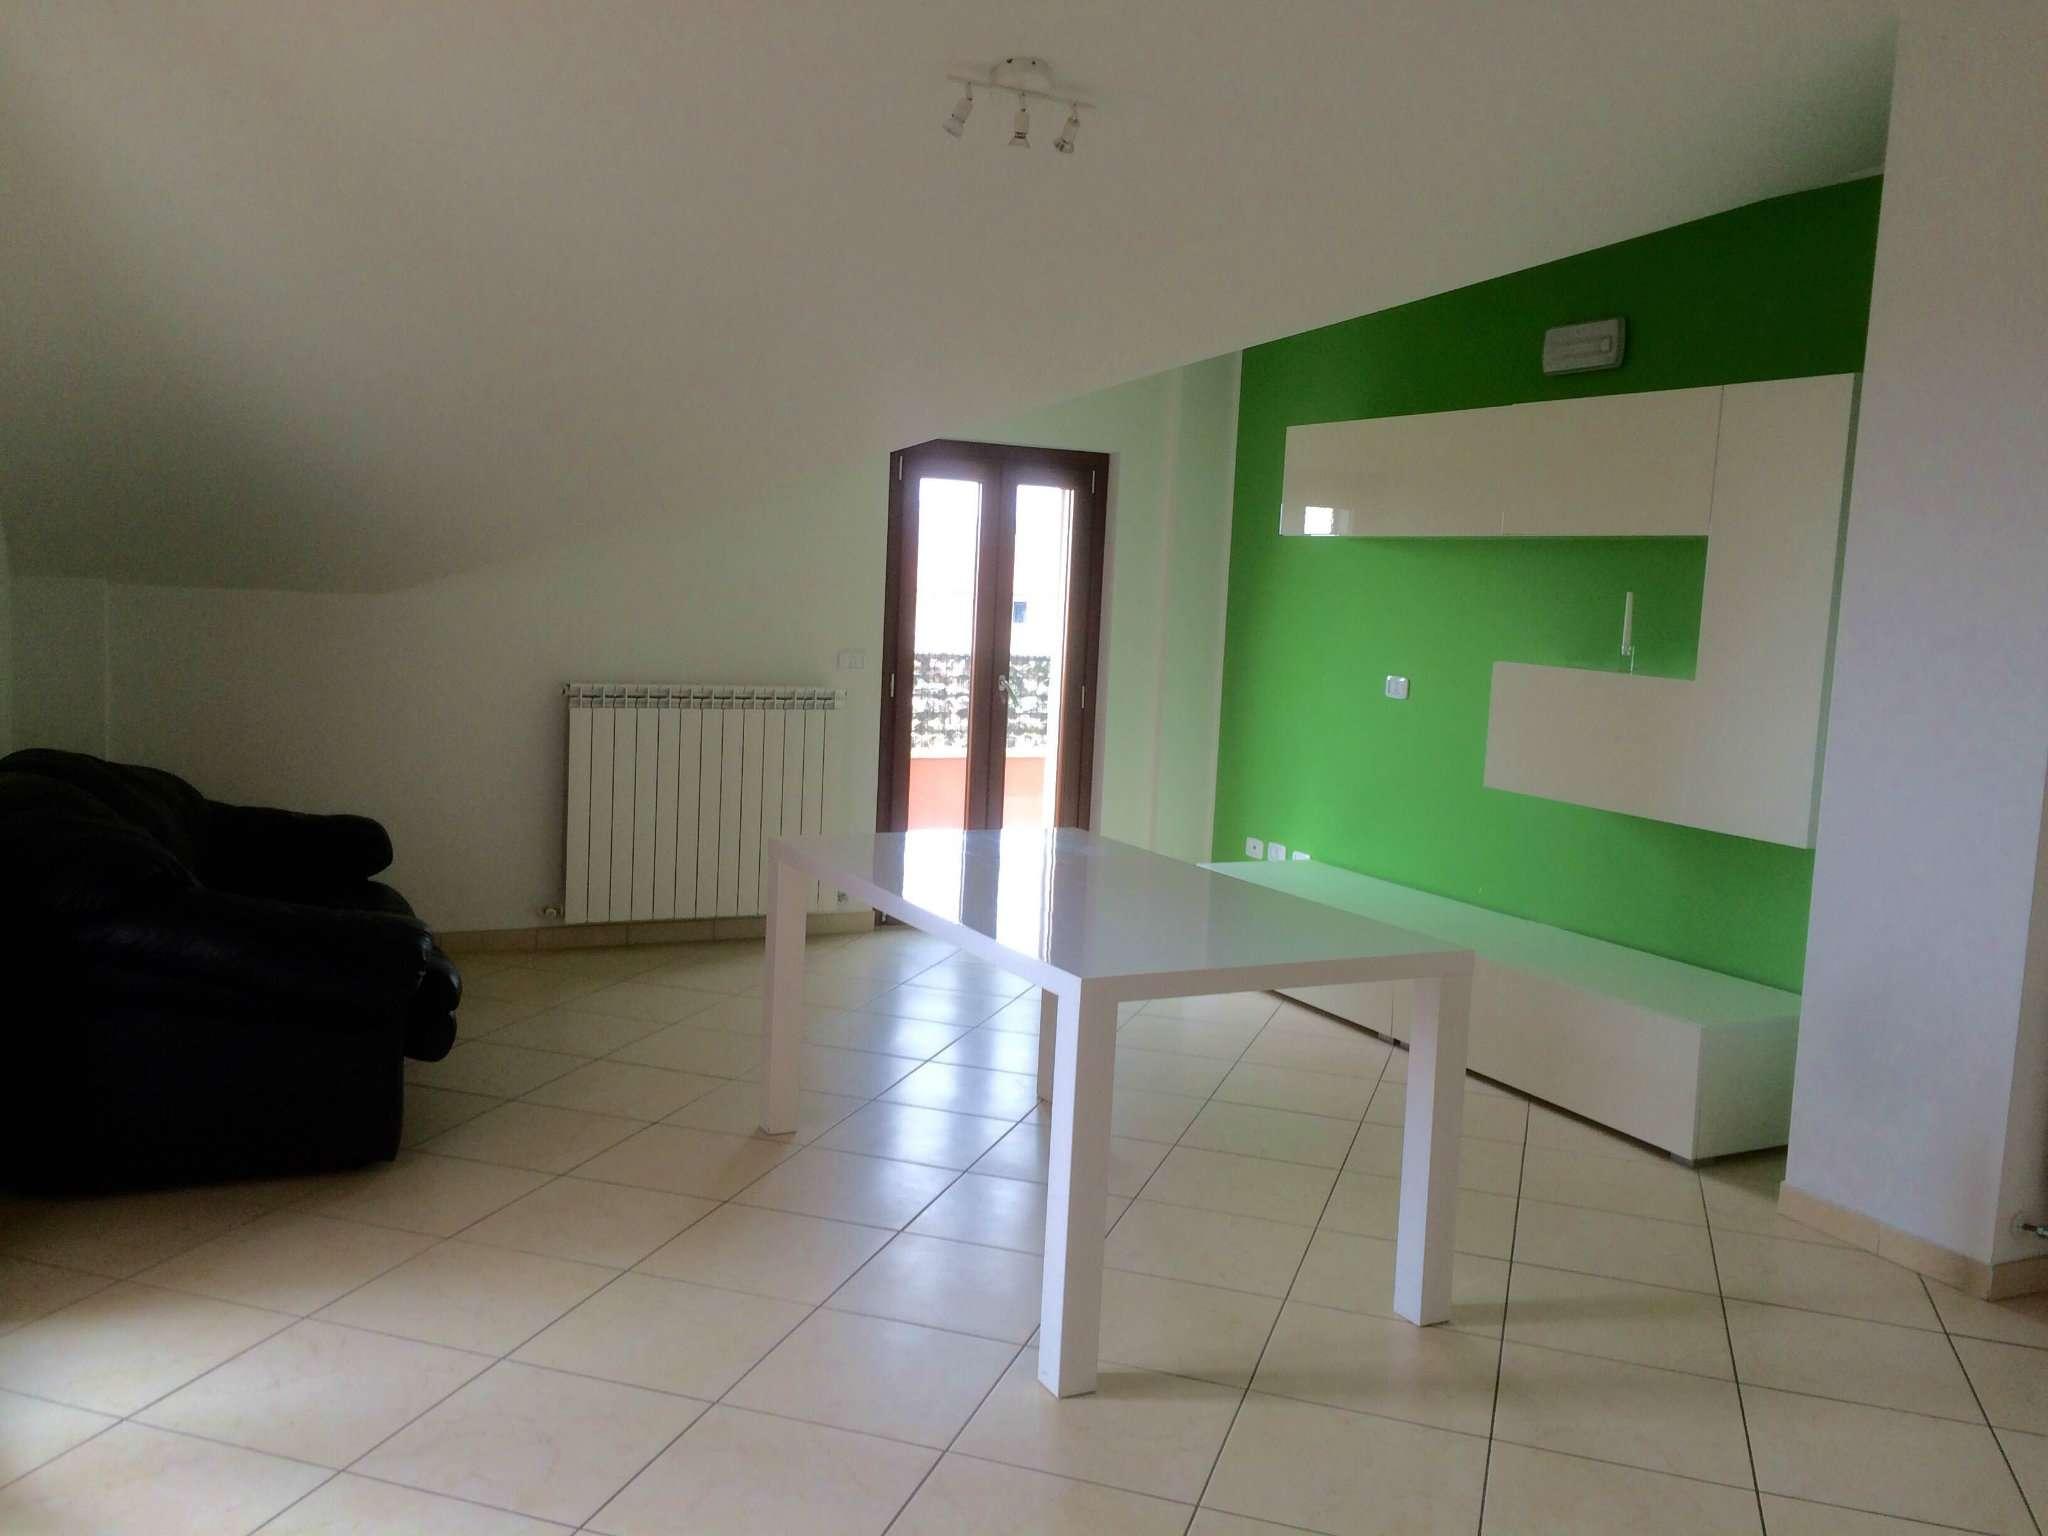 Appartamento in vendita a Nereto, 4 locali, prezzo € 145.000 | CambioCasa.it